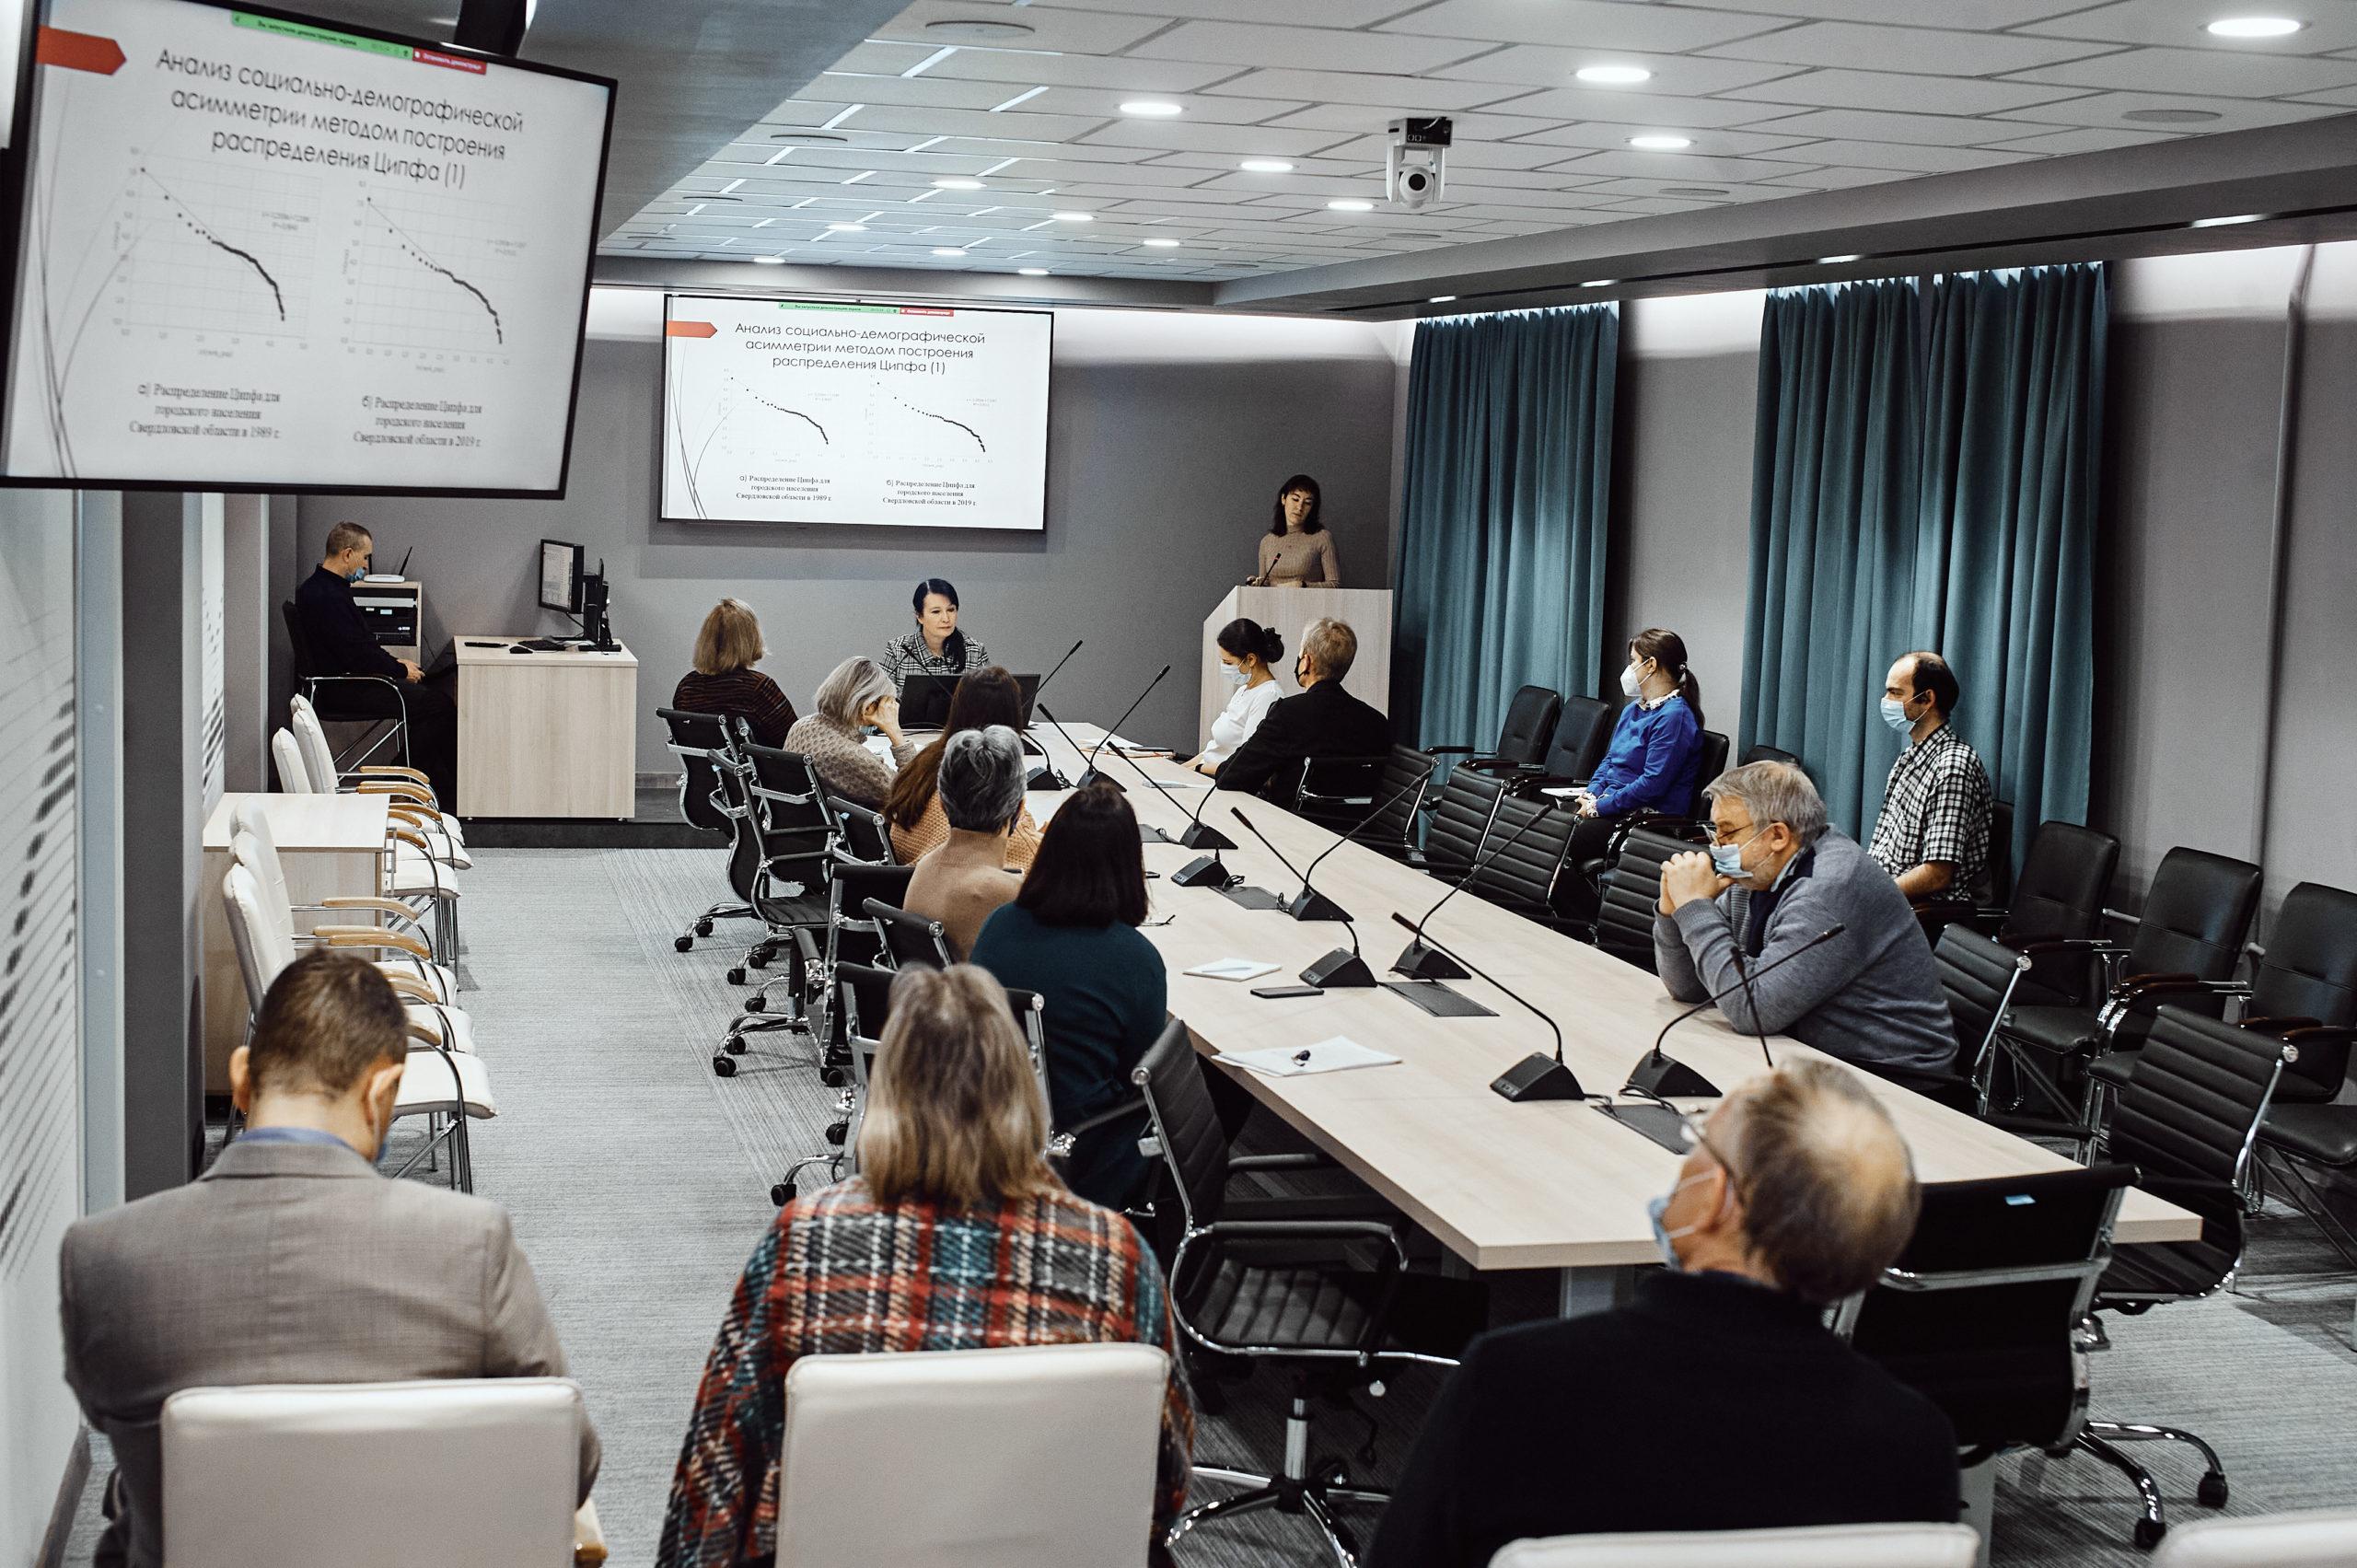 В Институте экономики УрО РАН состоялось внеочередное заседание Ученого совета